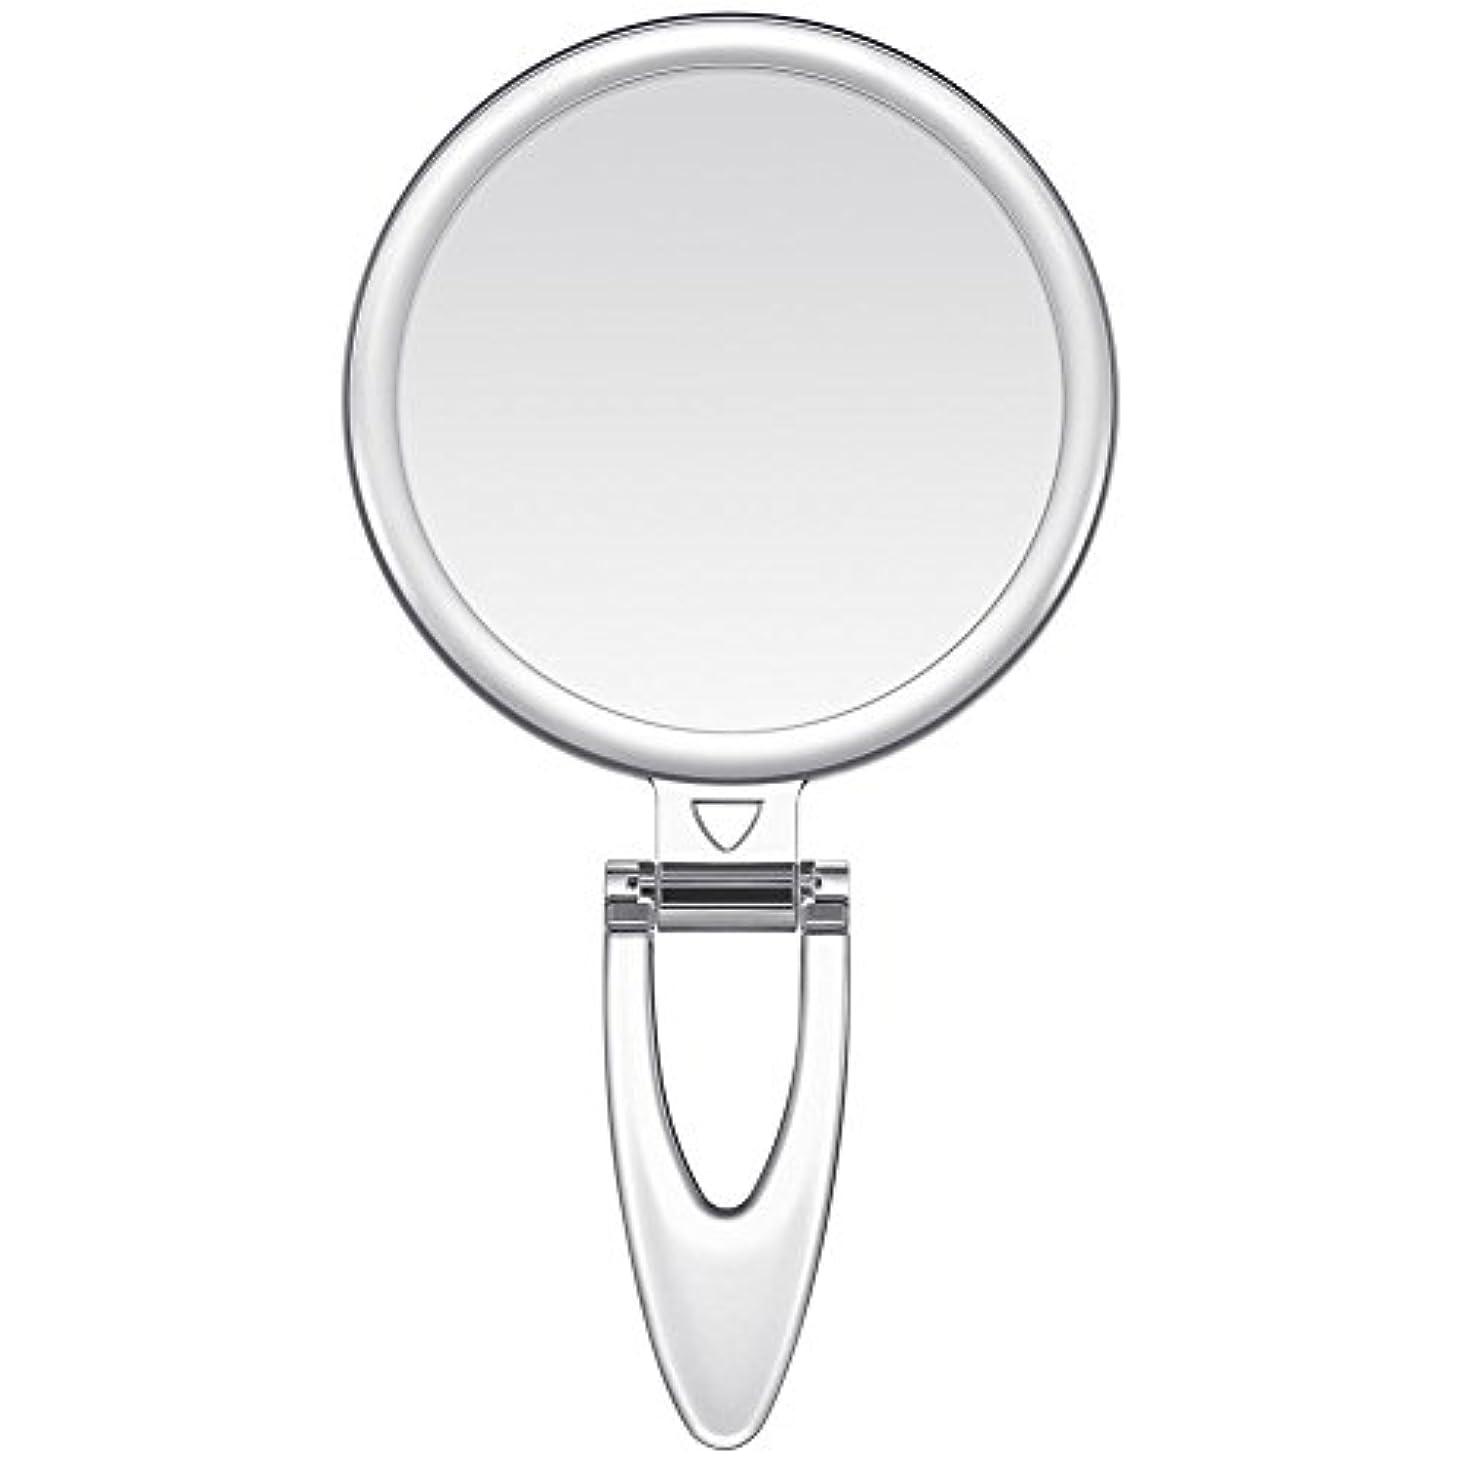 スリット捕虜再集計Lavany 手鏡 鏡 拡大鏡 両面コンパクトミラー 化粧鏡 10倍鏡付き 手持ち スタンド 壁掛け仕様 (S(3.2インチ))